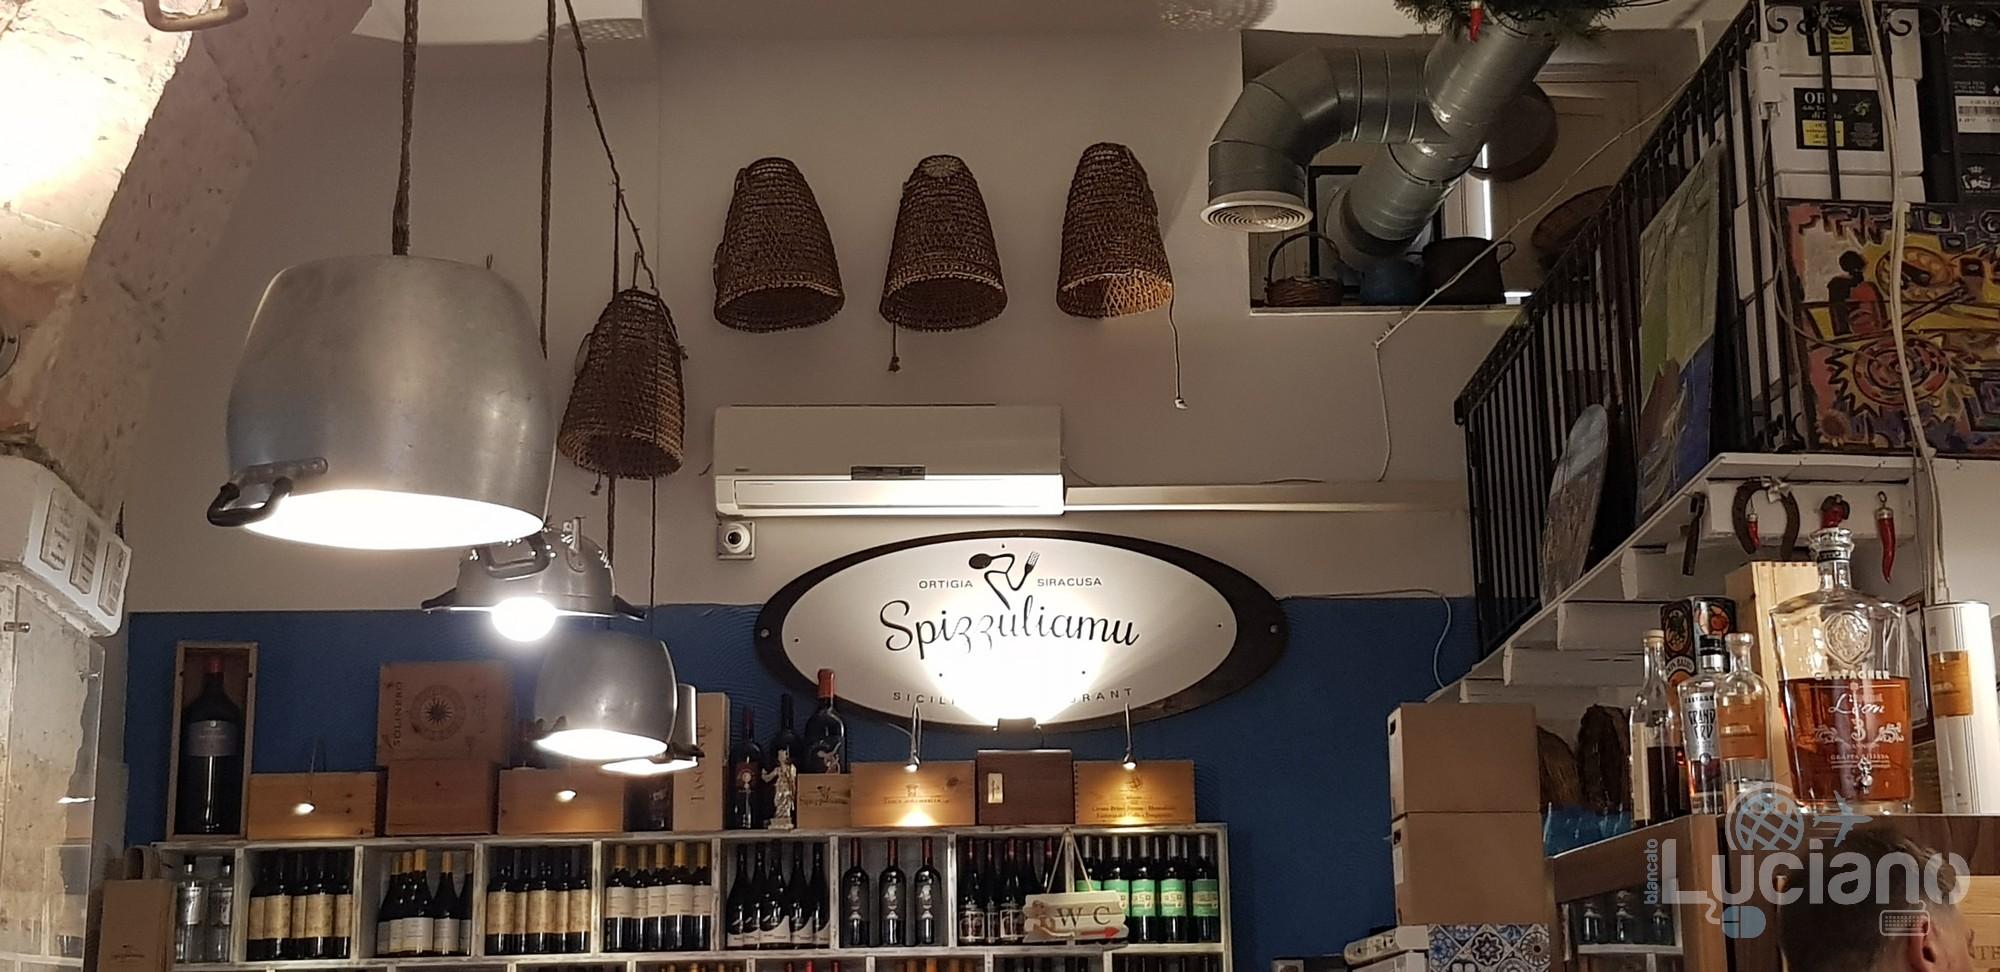 Siracusa - Spizzuliamu - interno locale